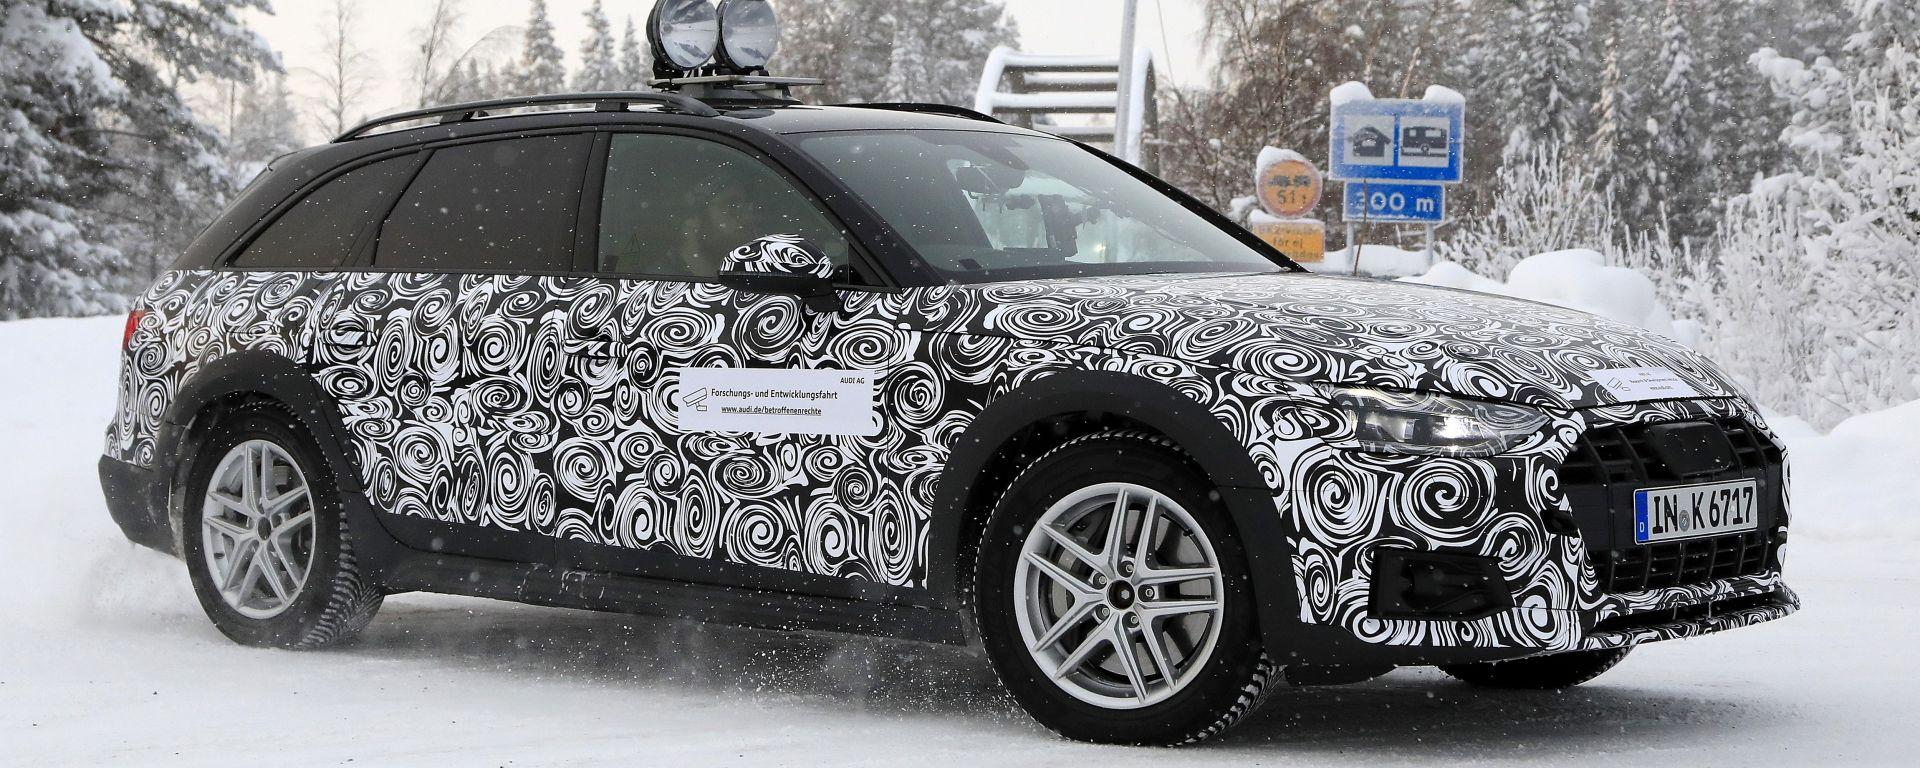 Nuova Audi A4 allroad: continuano i test su strada